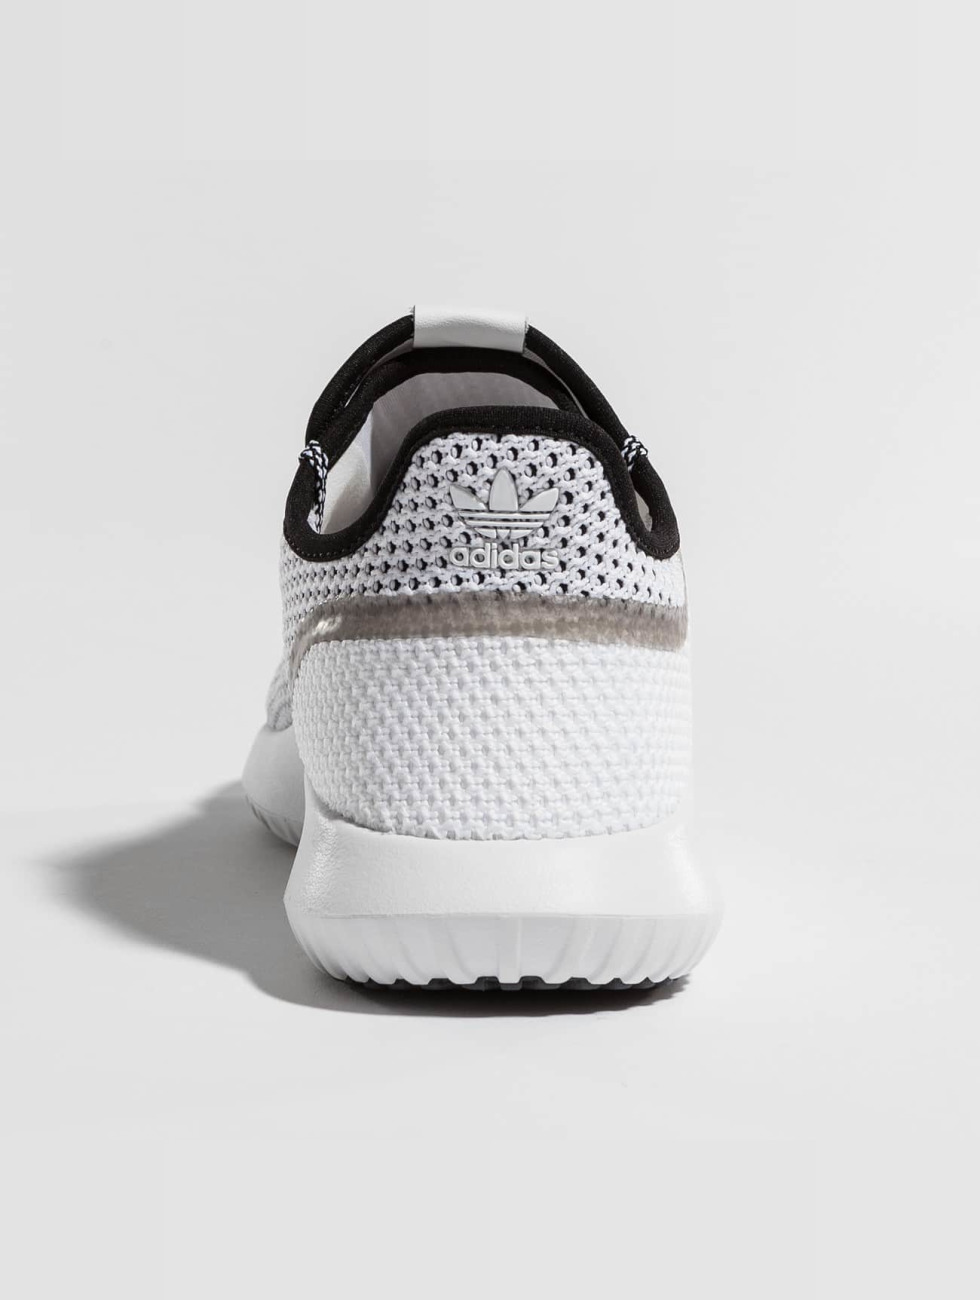 Korting Mode-stijl adidas originals schoen / sneaker Tubular Shadow CK in wit 436243 2018 Nieuwste Goedkope Verkoop Vele Soorten eNImMg